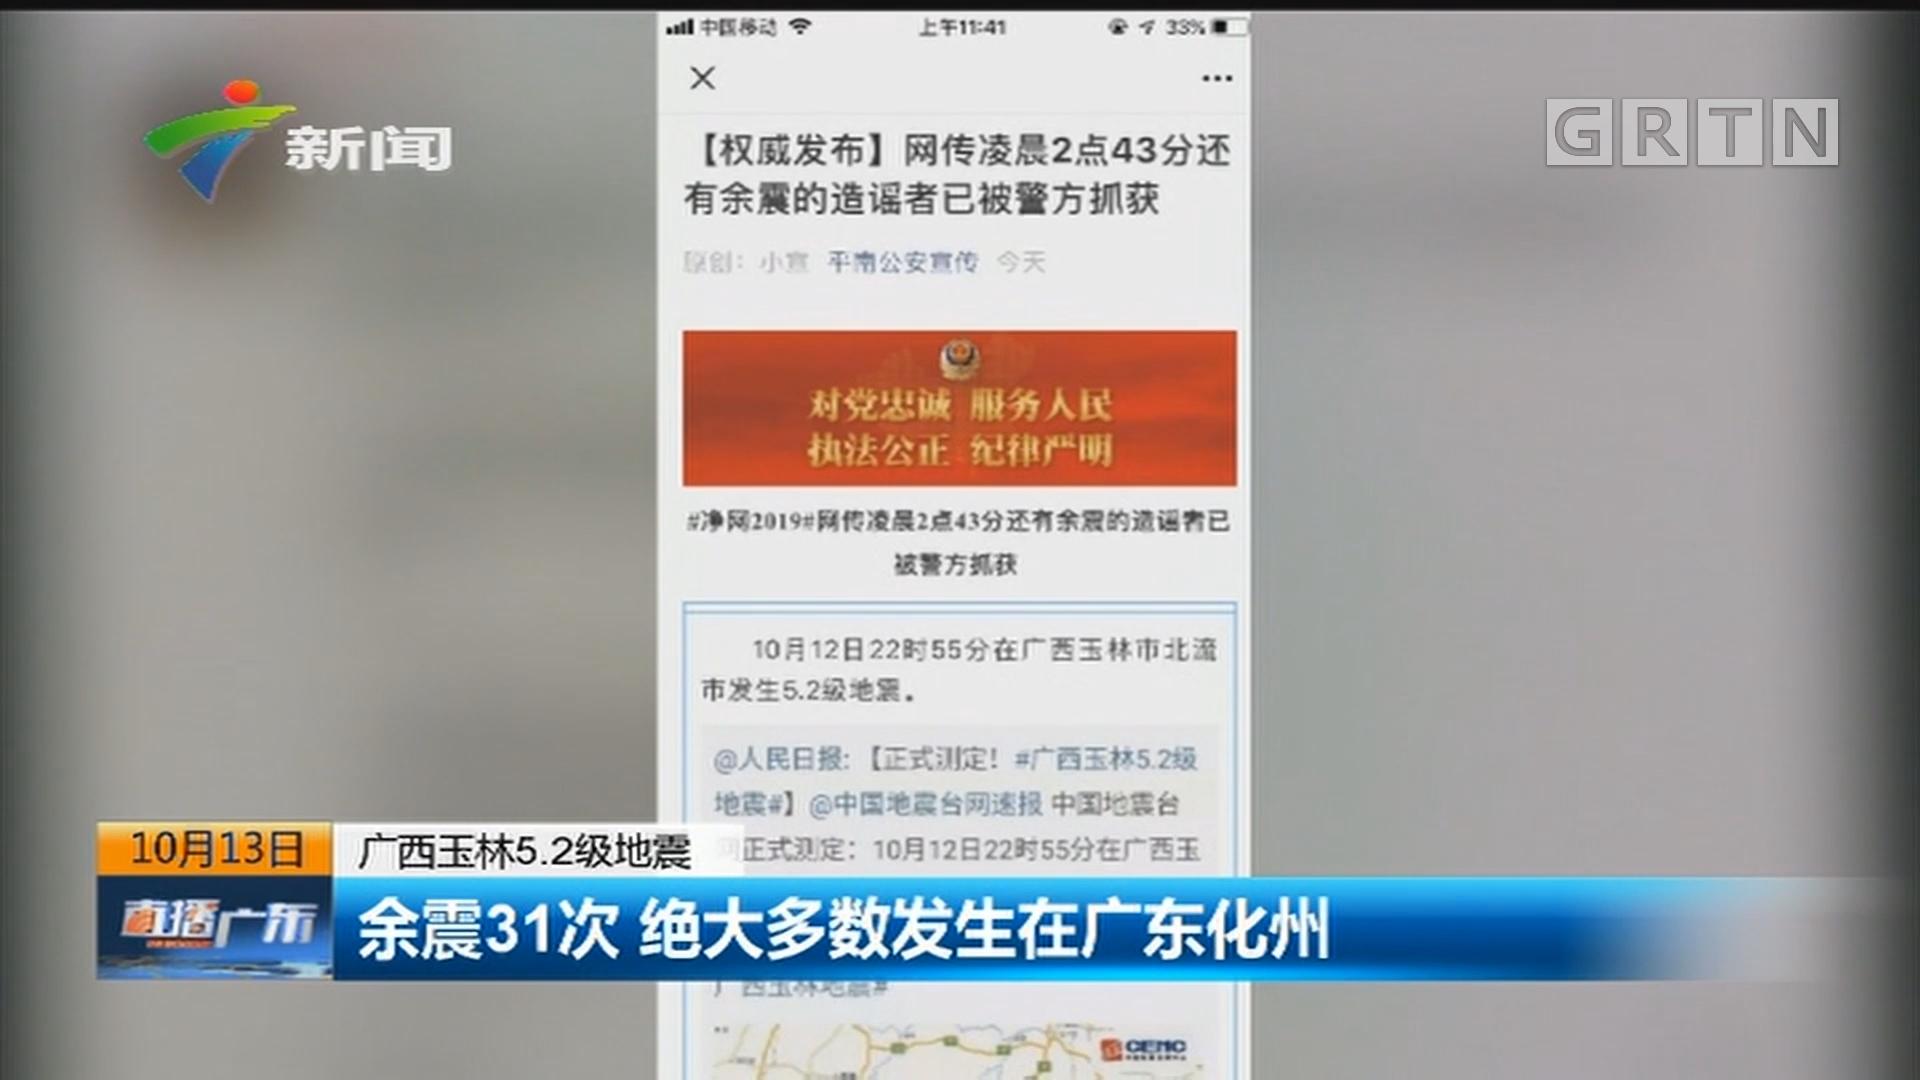 广西玉林5.2级地震 余震31次 绝大多数发生在广东化州